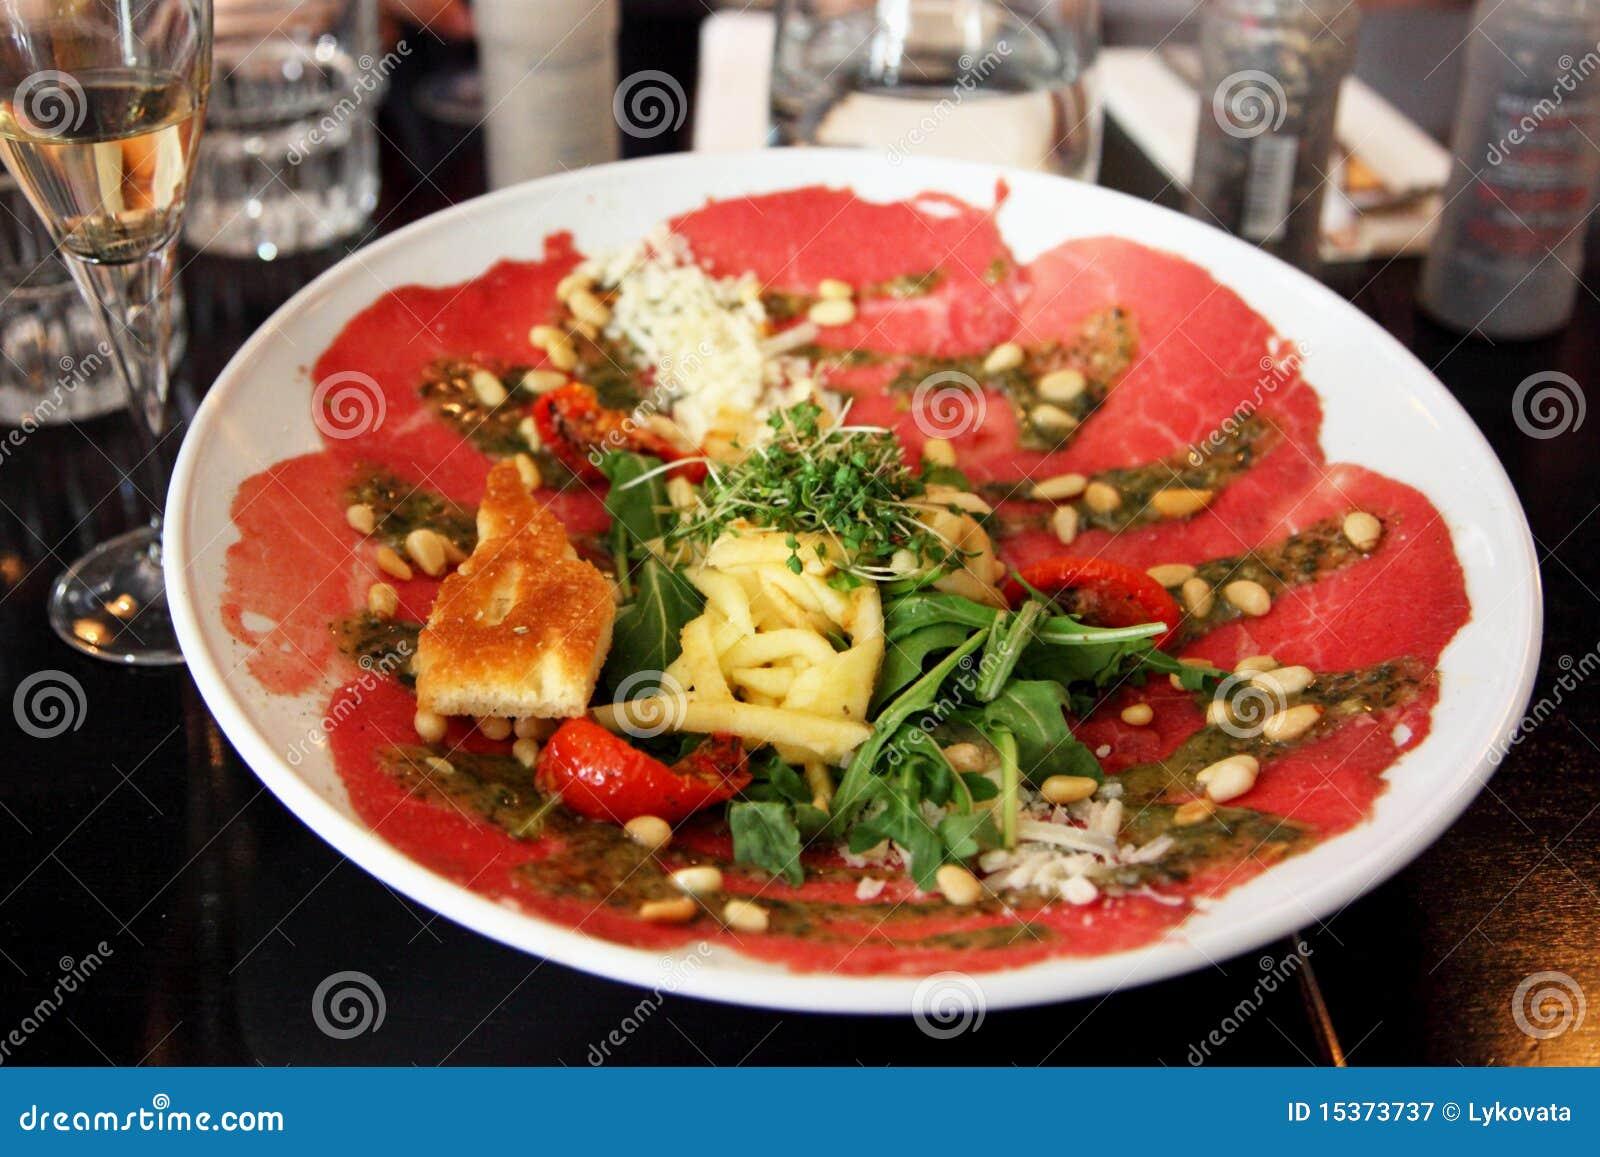 Cuisine italienne photographie stock libre de droits for Cuisine italienne